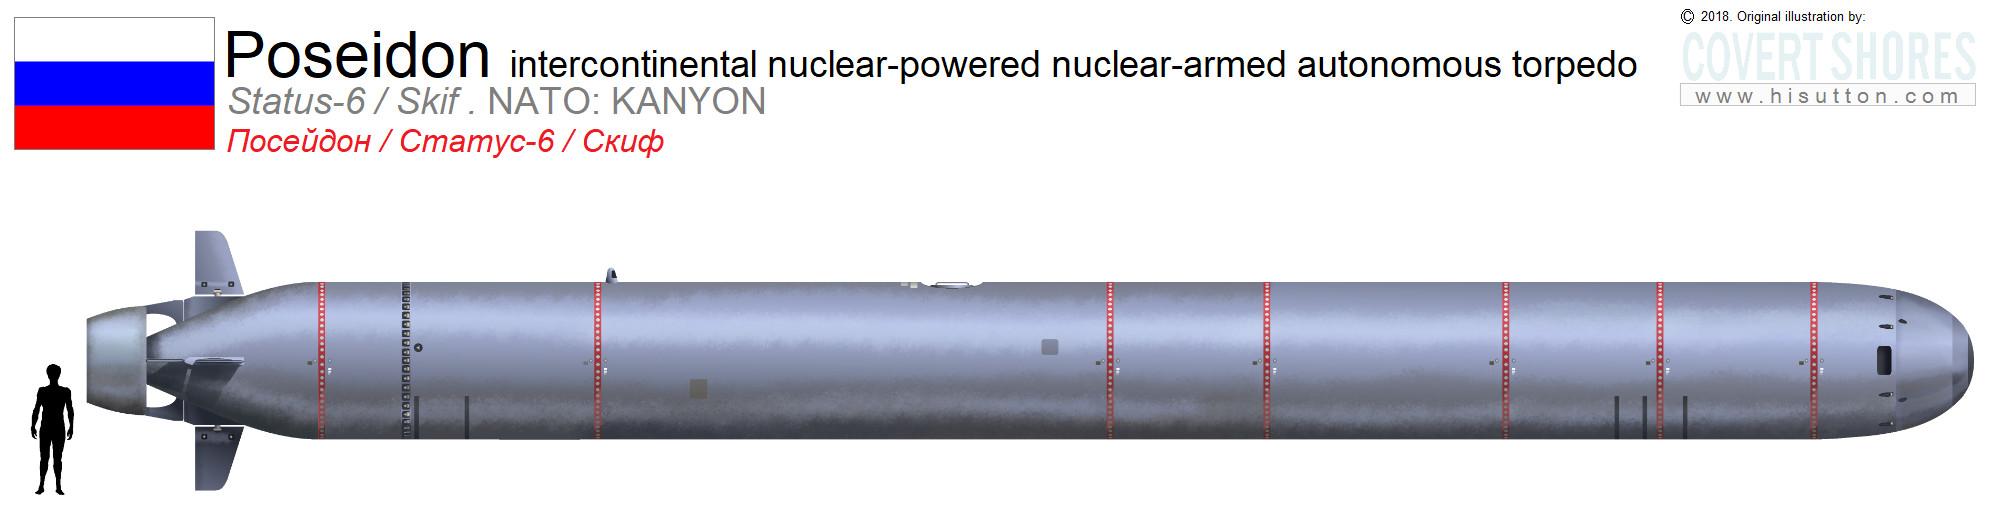 Το σχέδιο των Αμερικανών για να σταματήσουν το «πυρηνικό τσουνάμι» του Πούτιν... (BINTEO)